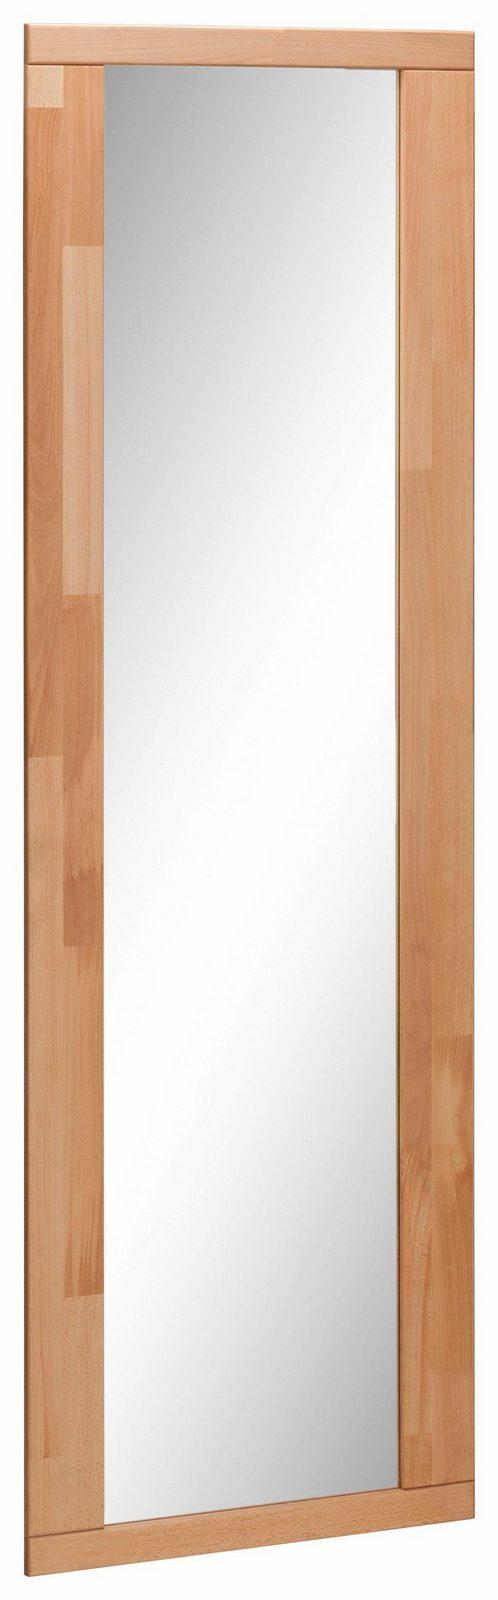 Spiegel »Zara«